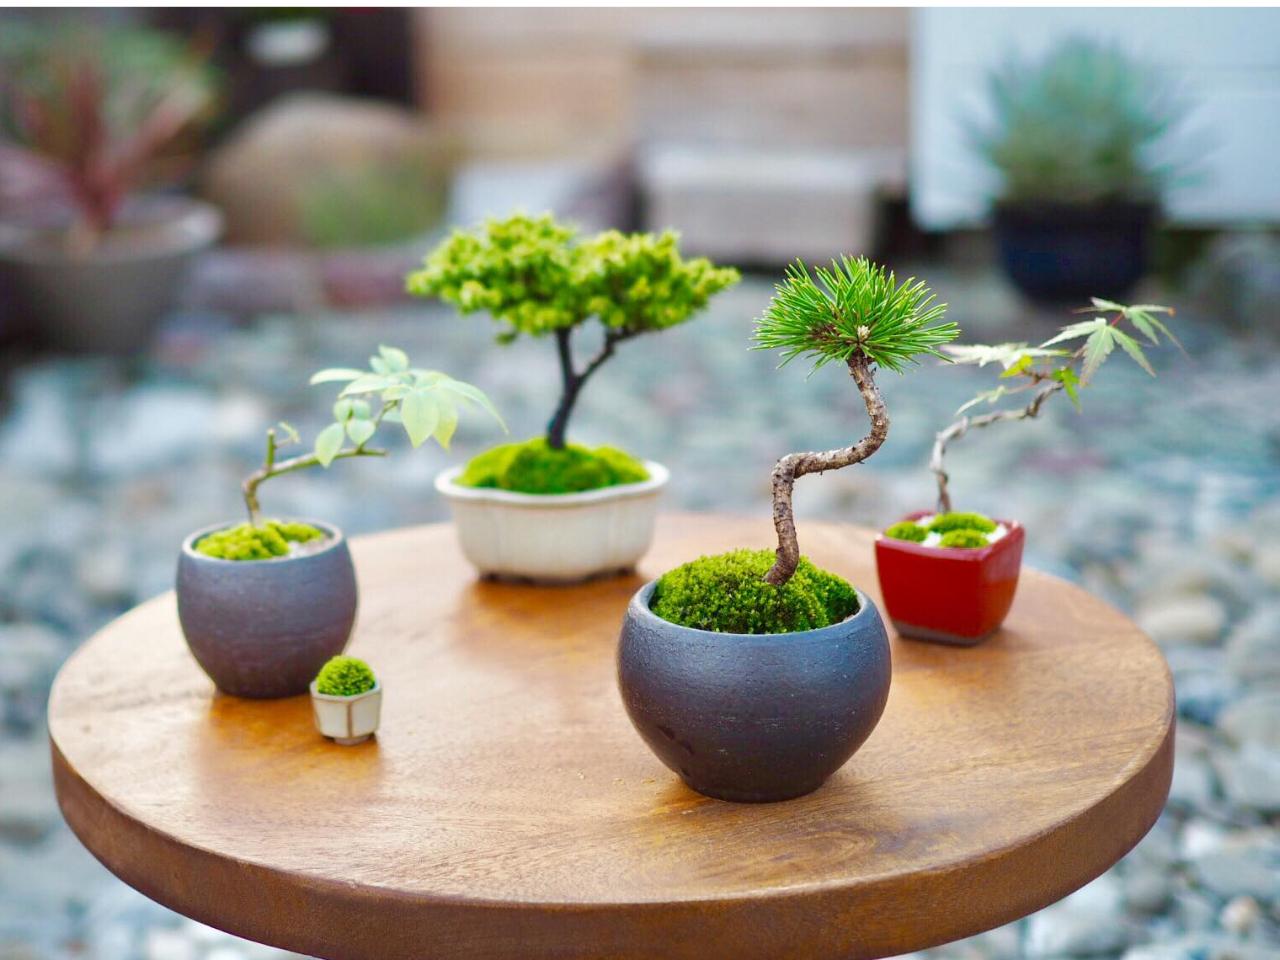 《阿波庭縁のちいさな盆栽教室》あなただけの小さな盆栽を作って、四季を身近に感じて...